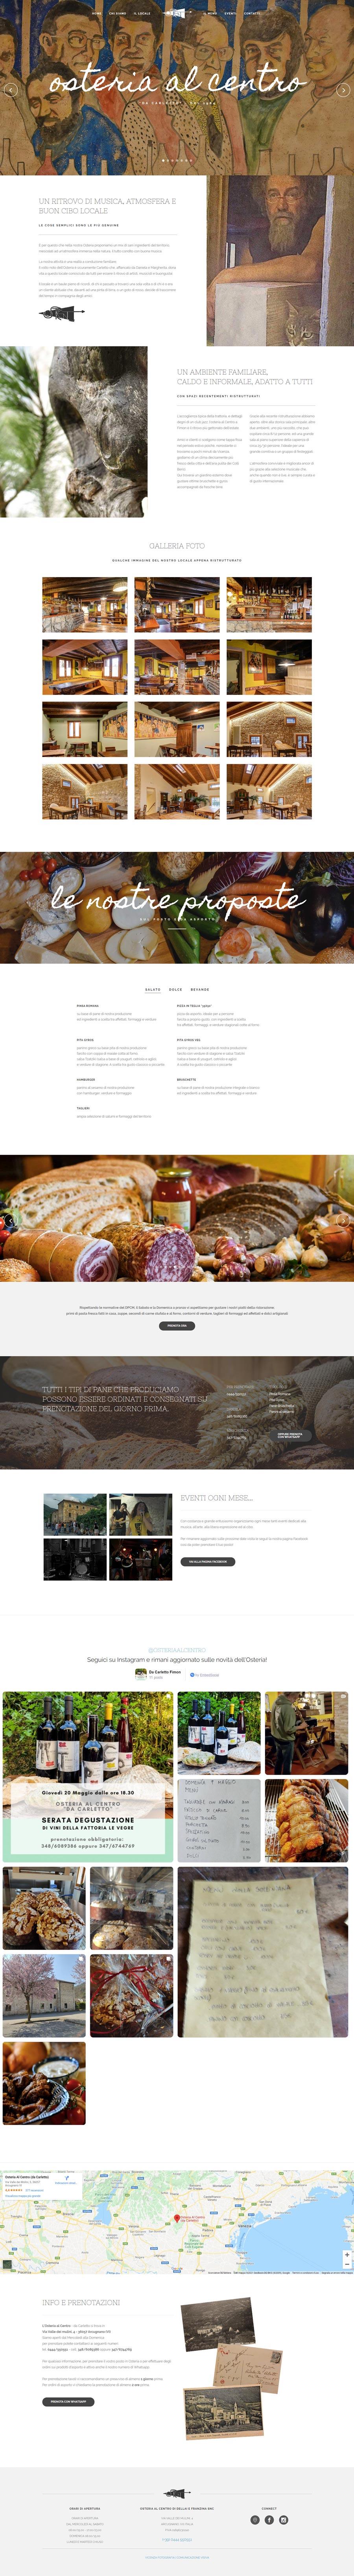 sito web da carletto osteria al centro